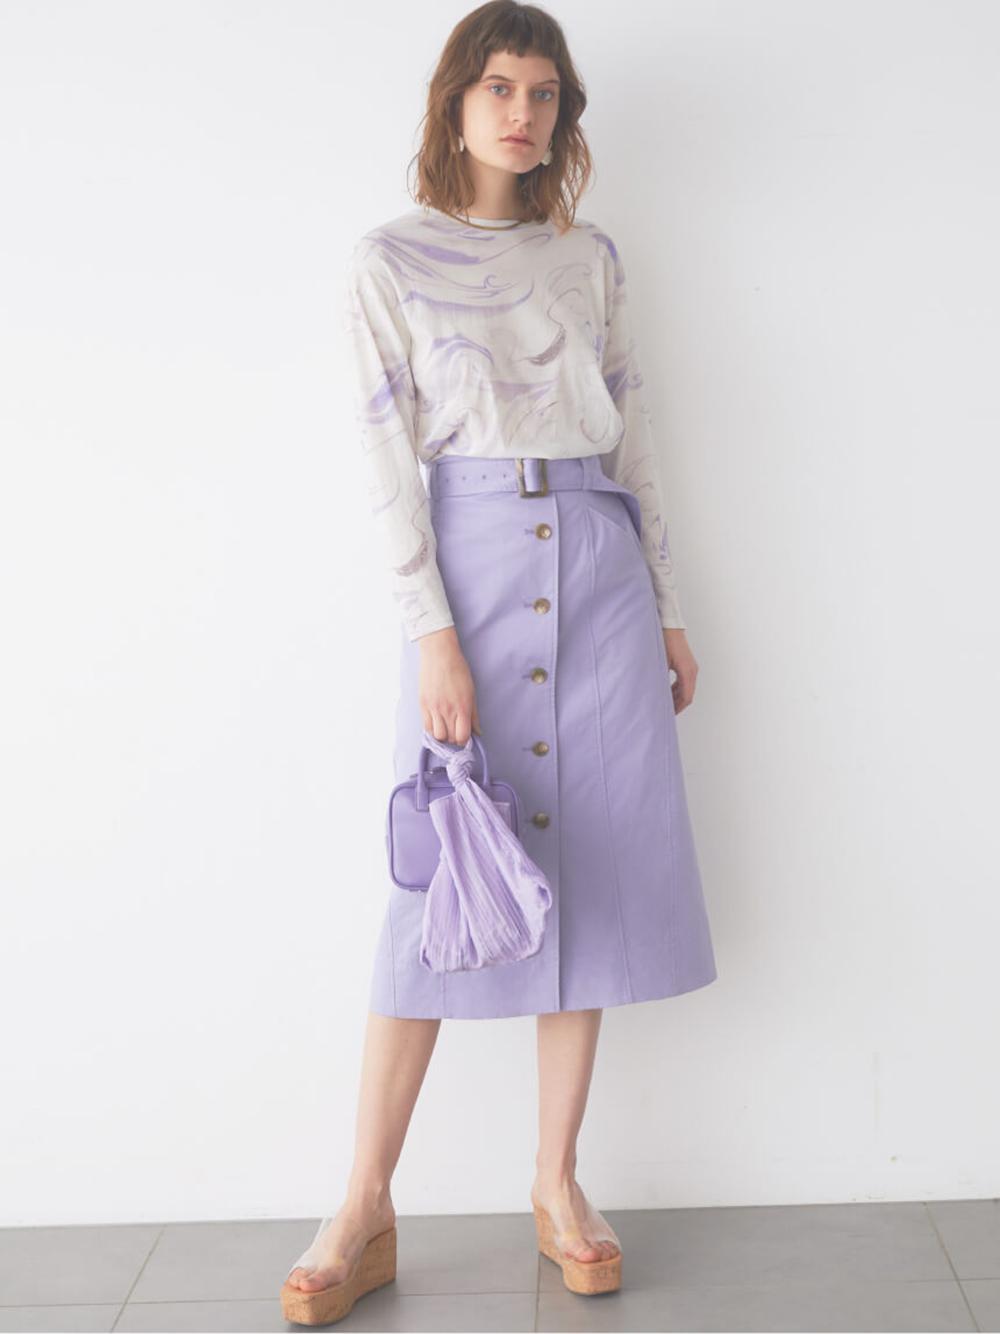 Iライントレンチスカート